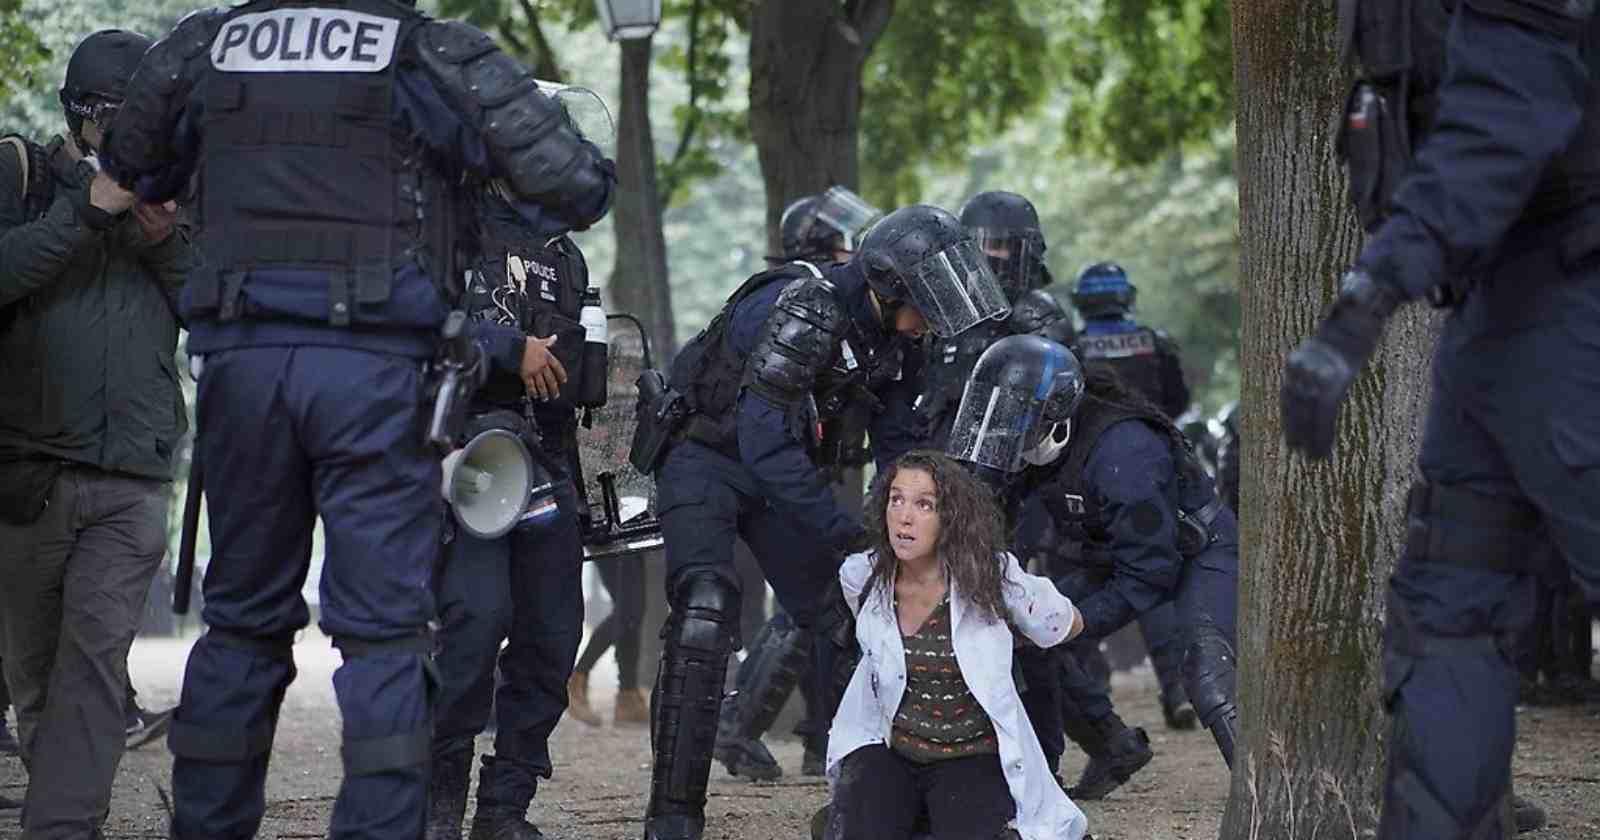 VIDEO | Policía de Francia detiene brutalmente a enfermera durante protestas de trabajadores de la salud